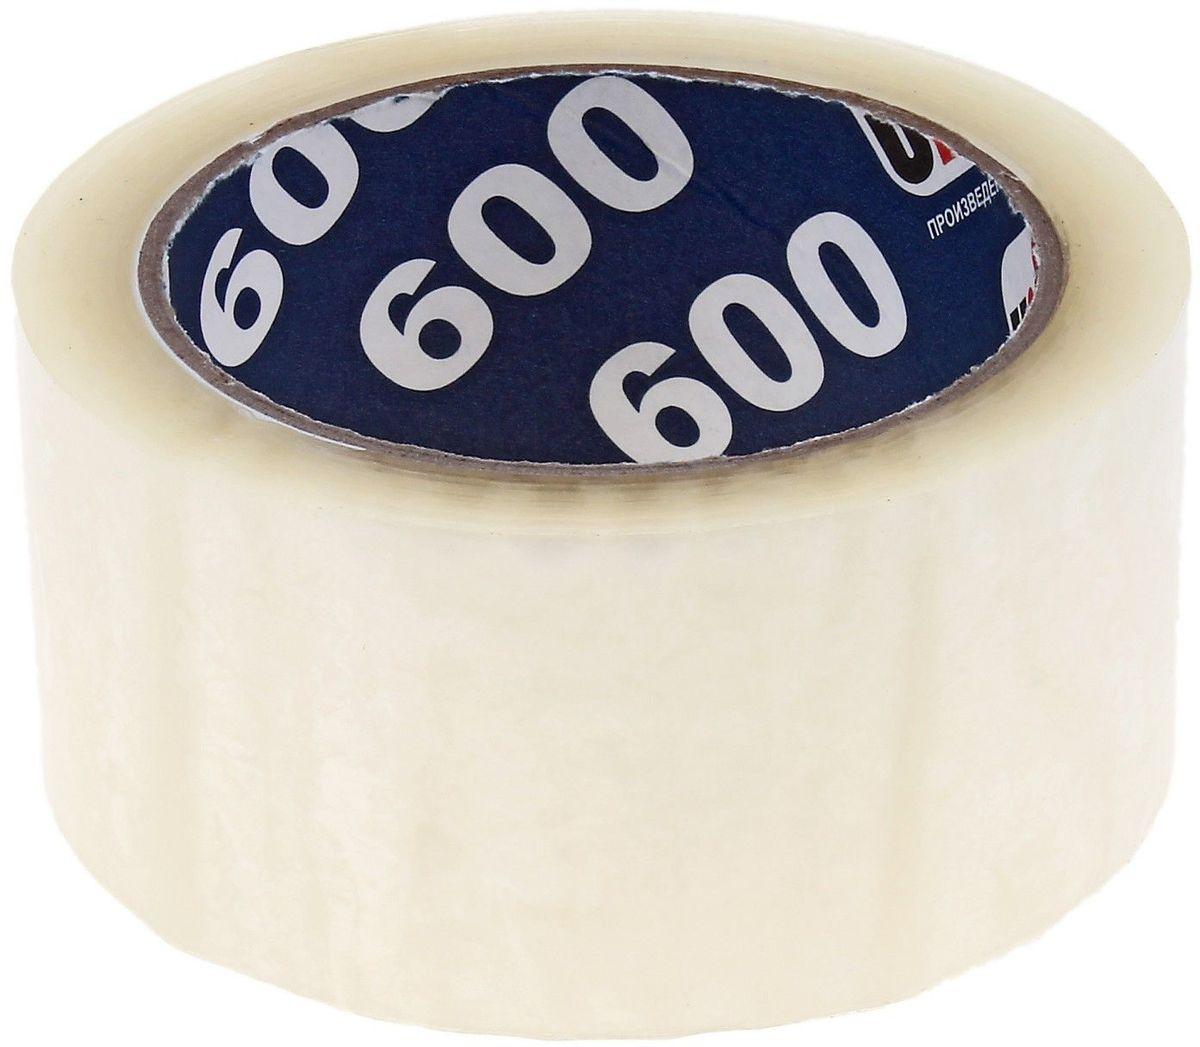 Клейкая лента 48 мм х 66 м цвет прозрачный 691932FS-00102Клейкая лента на полипропиленовой основе это водонепроницаемое изделие, которое способно противостоять широкому диапазону температур. Применяется в быту для упаковки: легких и тяжелых коробок, изготовленных из гофрокартона, строительных смесей, масложировой продукции и мороженого, канцелярских товаров, промышленных товаров. Клейкая лента поможет скрепить предметы в любой ситуации, например, если вы делаете ремонт или меняете место жительства и пакуете коробки.